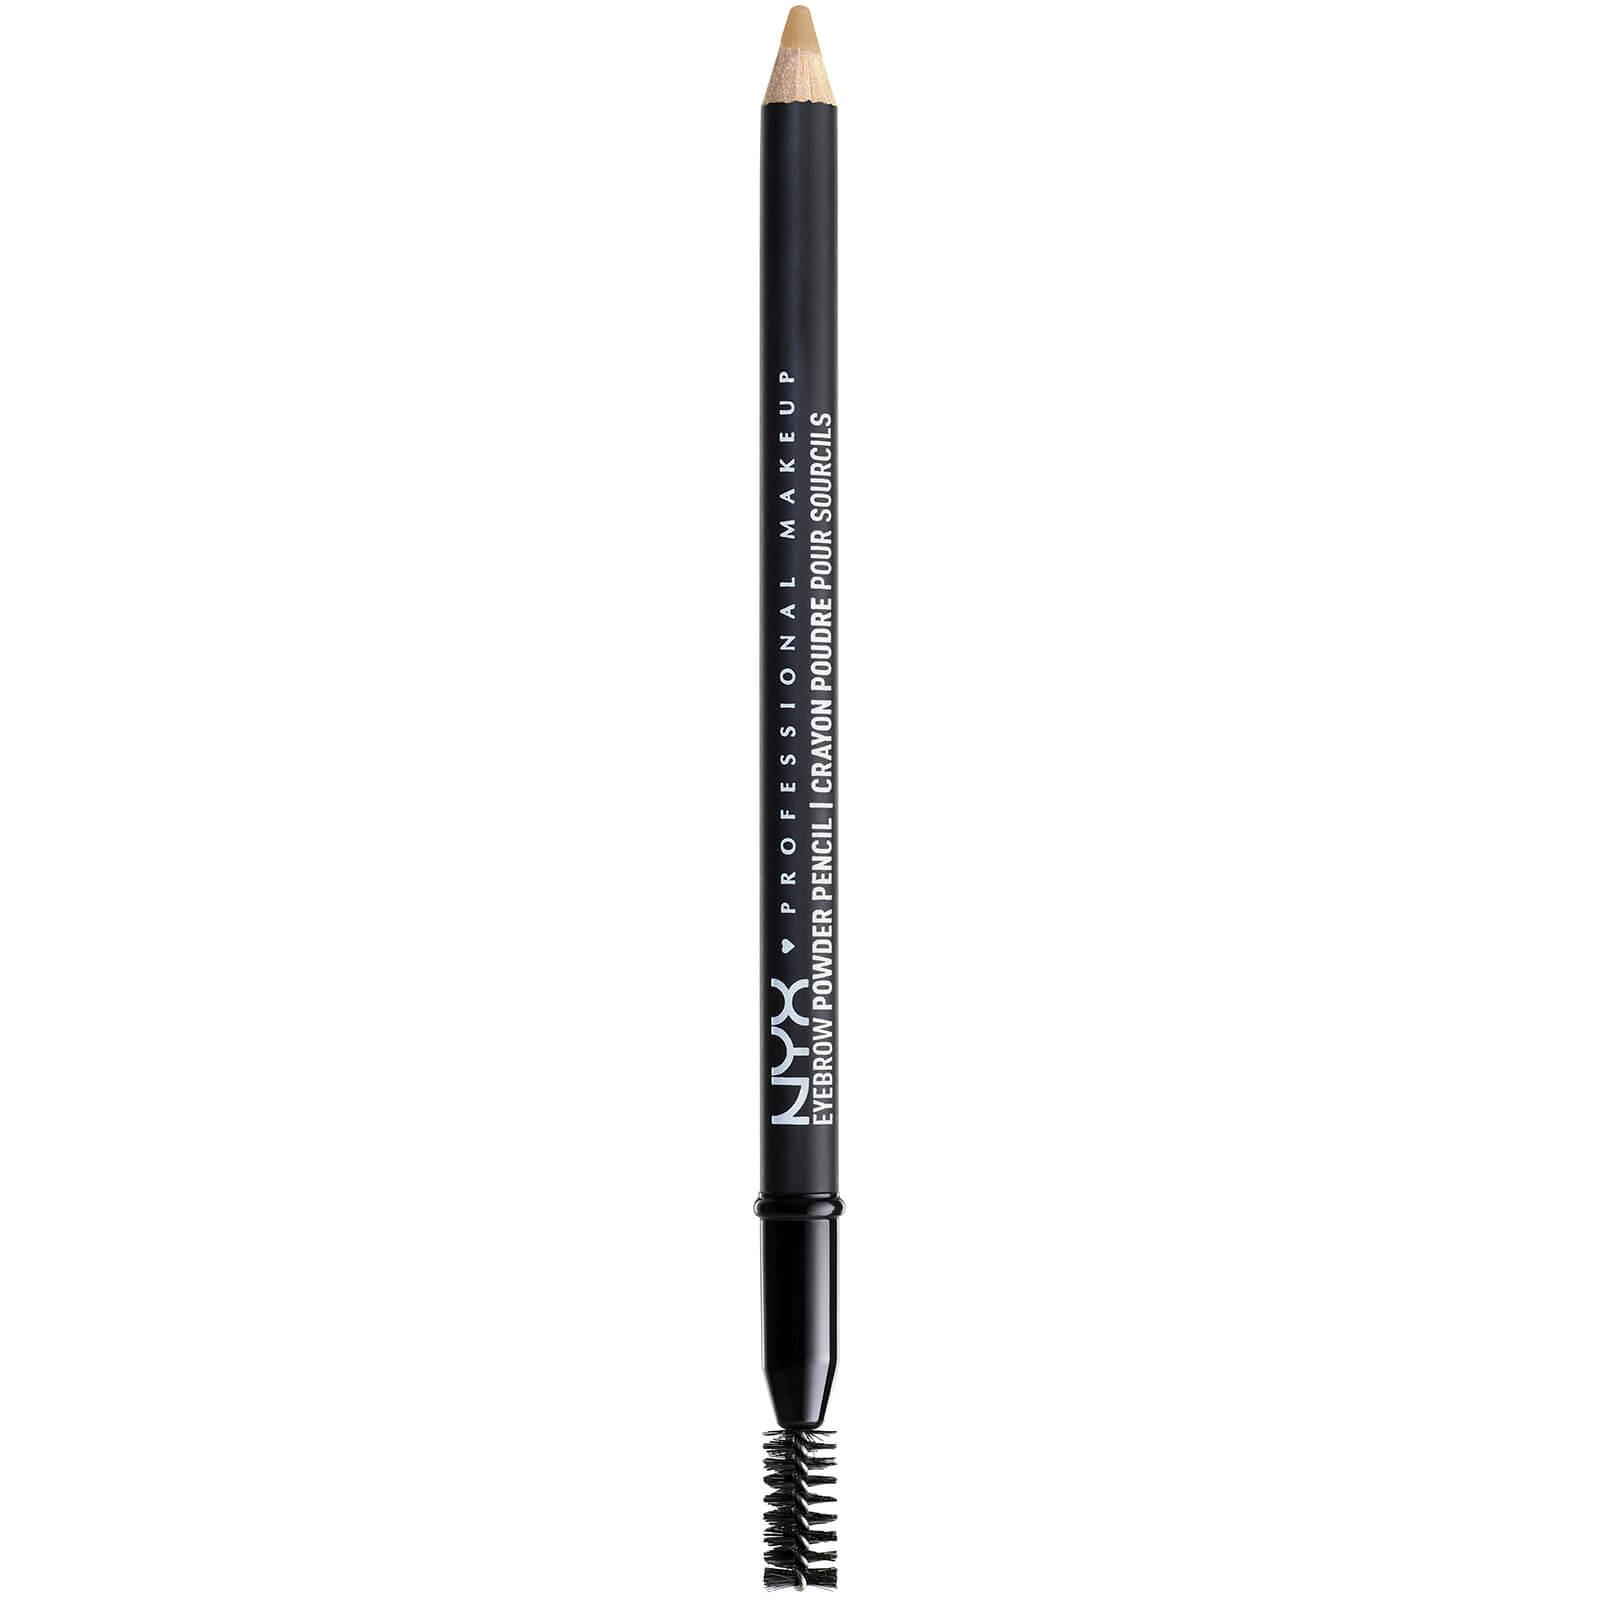 Купить Пудровый карандаш для бровей NYX Professional Makeup Eyebrow Powder Pencil (различные оттенки) - Blonde